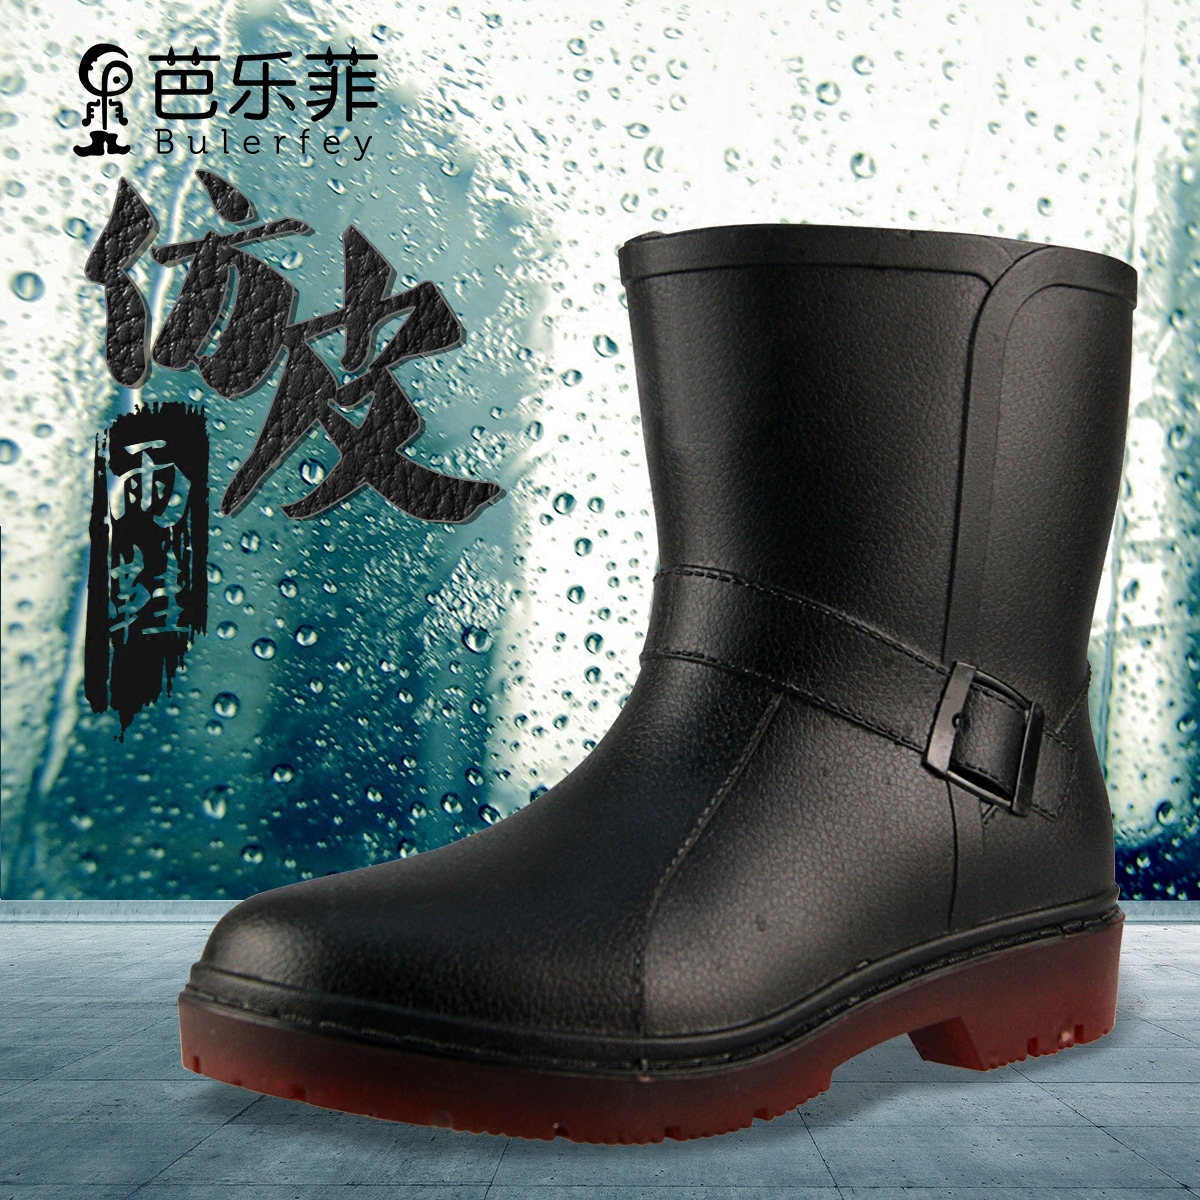 芭乐菲男士中筒加厚中帮雨鞋短筒牛筋雨靴大码工作水鞋套鞋男鞋